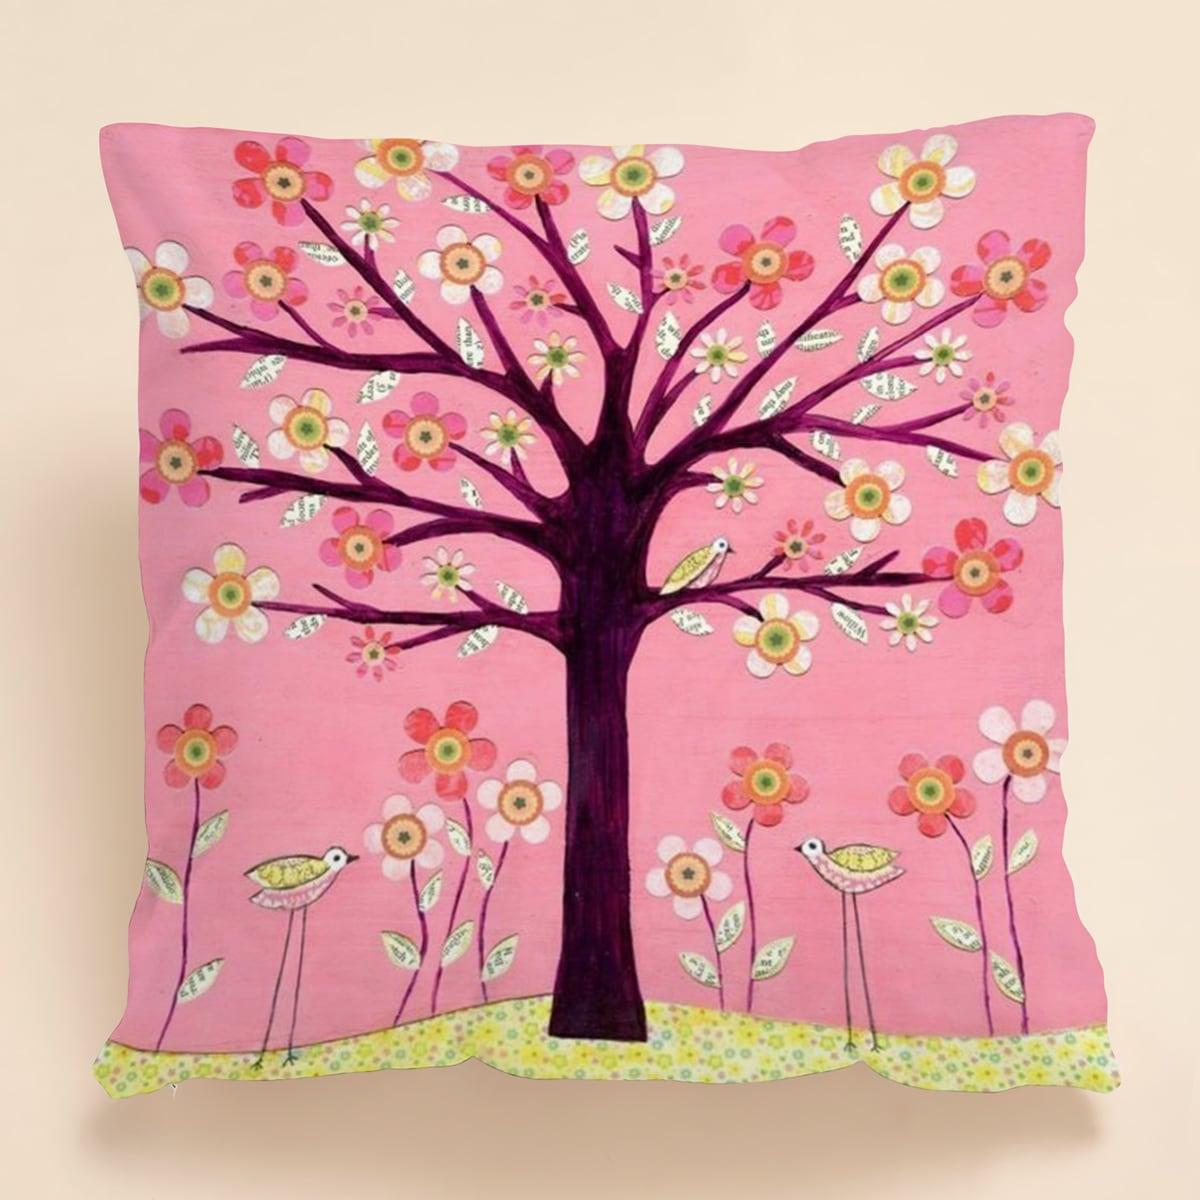 1шт чехол для подушки с принтом цветка без наполнителя фото